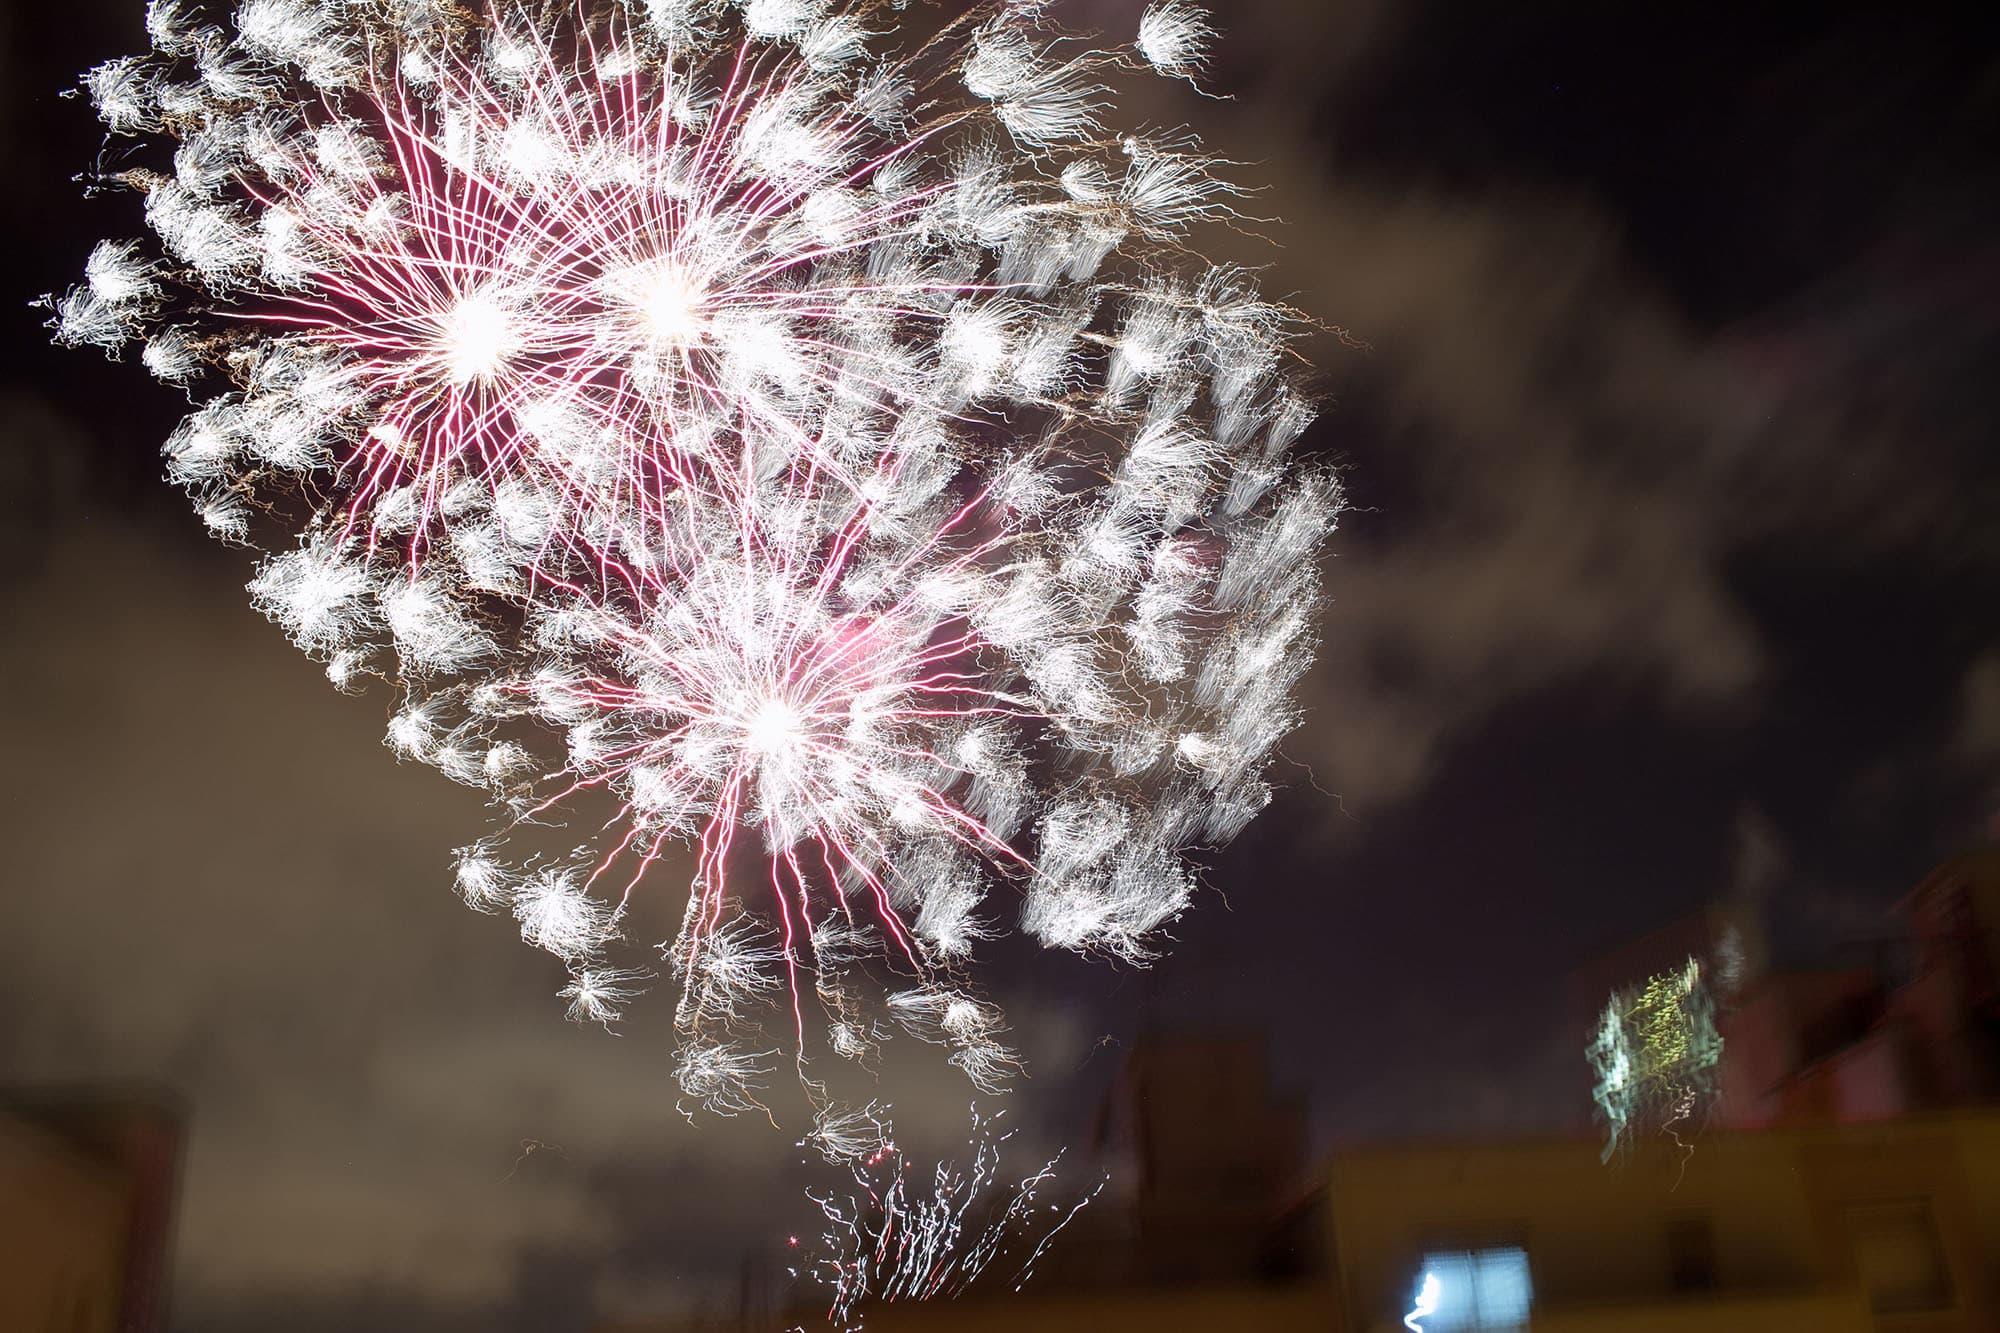 Fireworks in Barcelona, Spain.